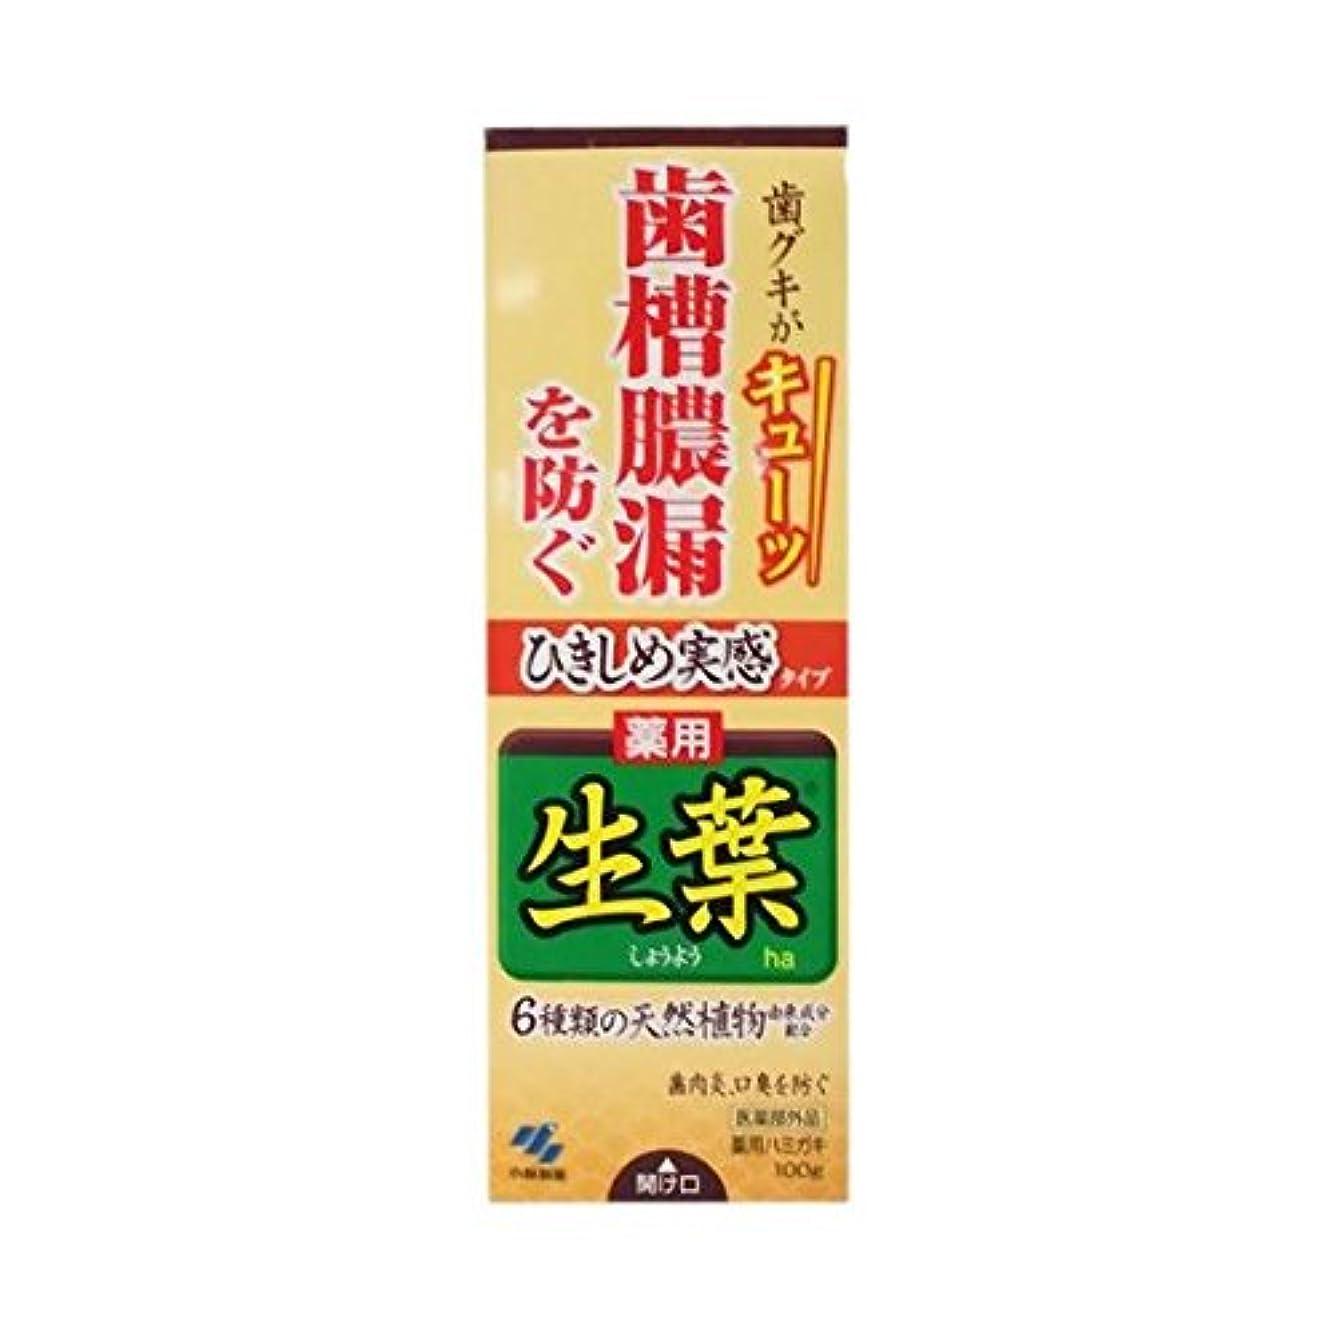 爆風降雨アロング【お徳用 3 セット】 ひきしめ生葉 100g×3セット